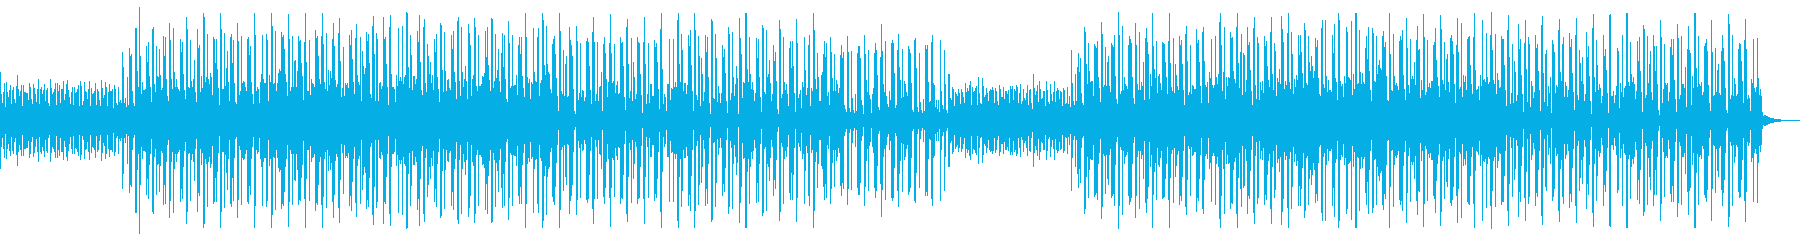 少しダークで疾走感のあるテクノの再生済みの波形